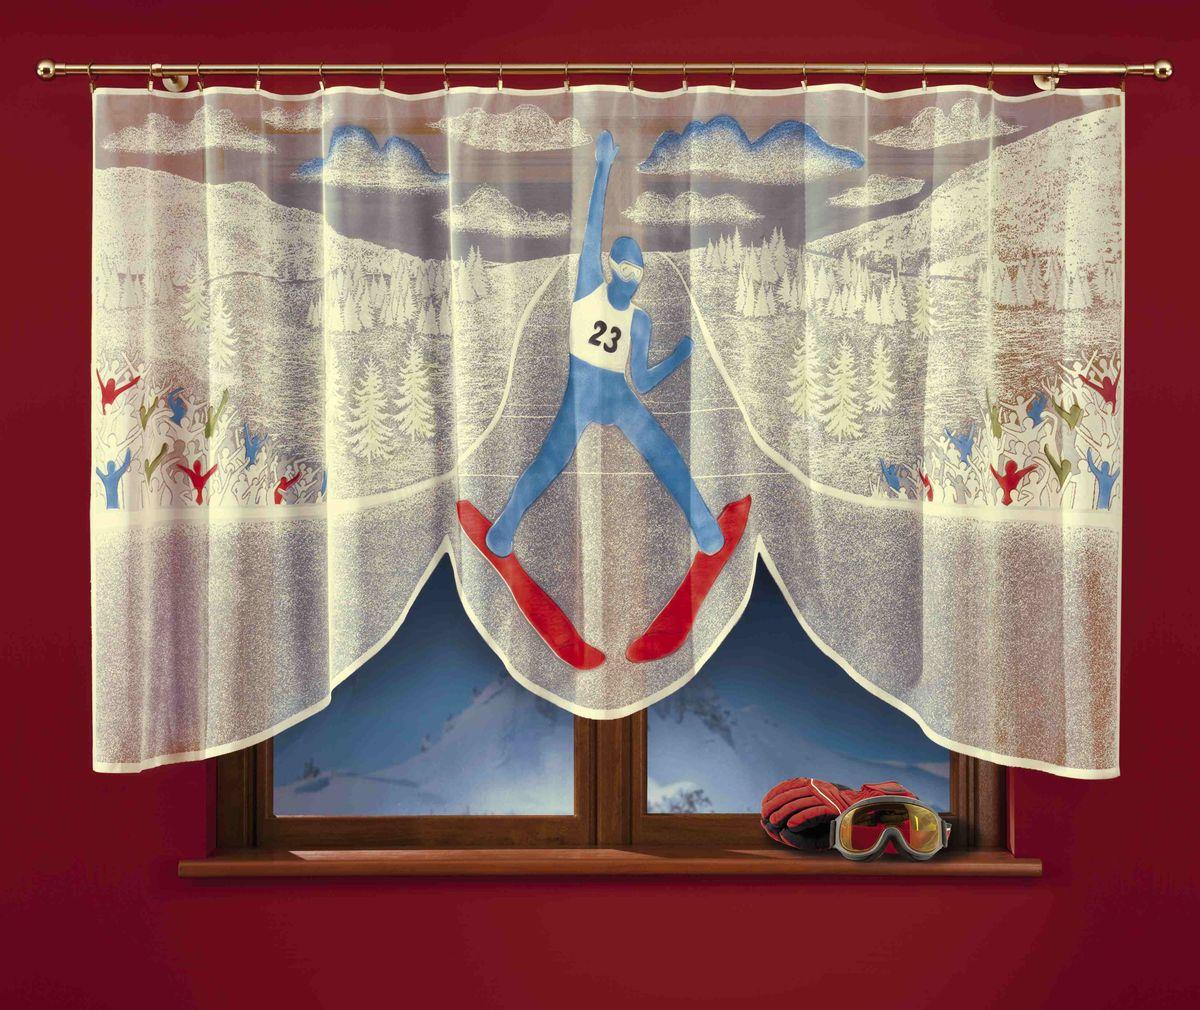 Гардина Wisan Skoczek, цвет: молочный, высота 150 см723АГардина Wisan Skoczek изготовлена из полиэстера, легкой, тонкой ткани. Изделие украшено ручной раскраской в виде лыжника на соревнованиях. Тонкое плетение, оригинальный дизайн и приятная цветовая гамма привлекут к себе внимание и органично впишутся в интерьер кухни. Оригинальное оформление гардины внесет разнообразие и подарит заряд положительного настроения.Гардина не оснащена креплениями.